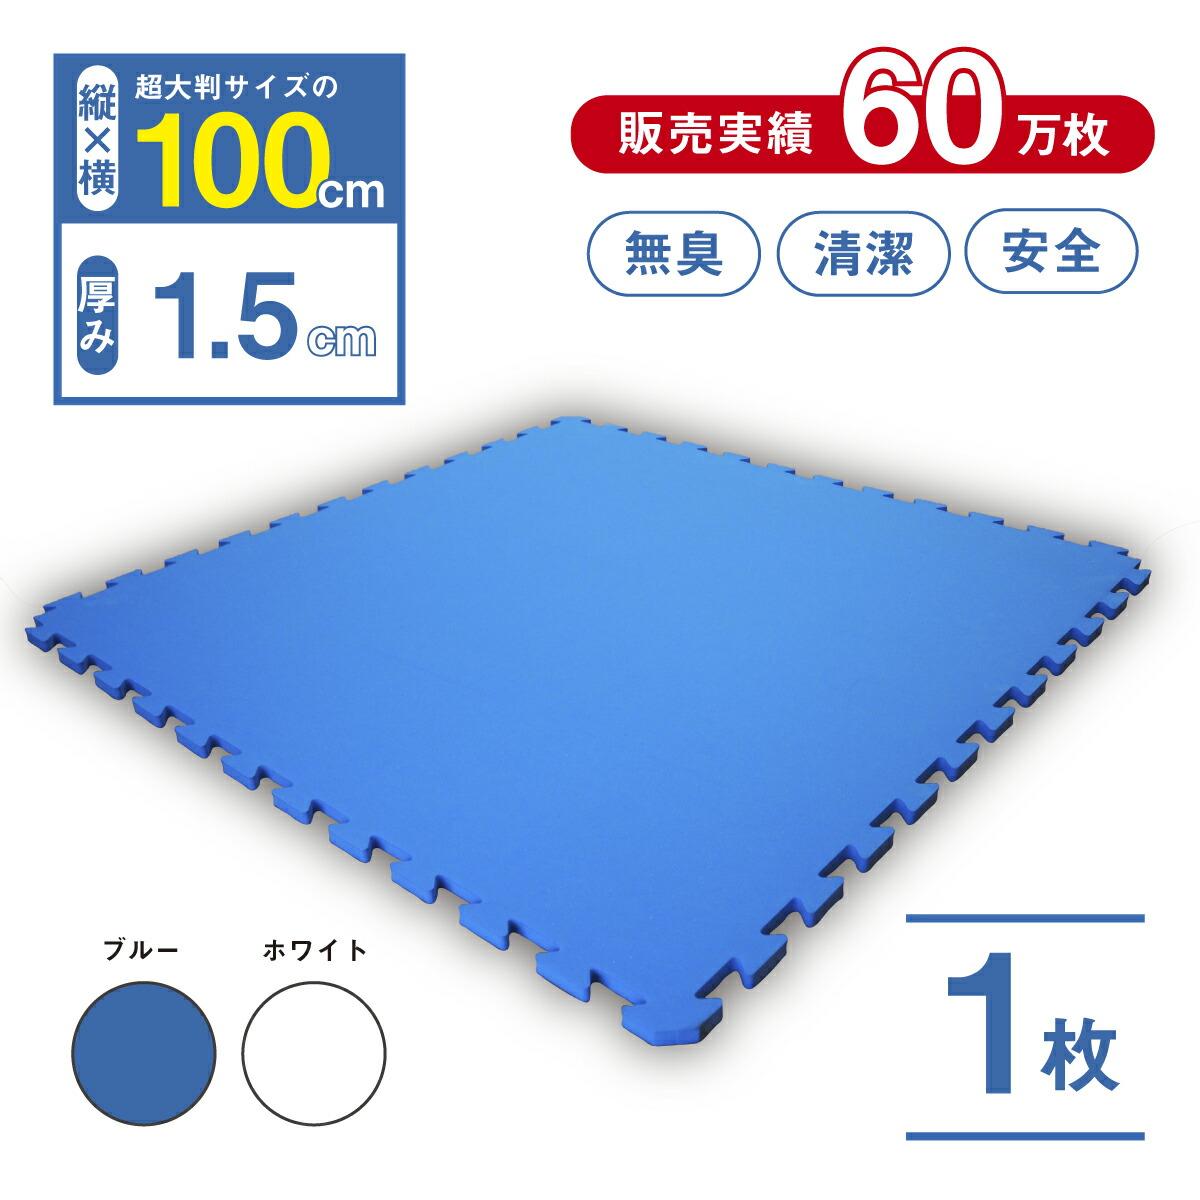 【頻繁な出し入れに】1m×1m 厚み1.5cm/安全・清潔・無臭/EVAジョイントマット